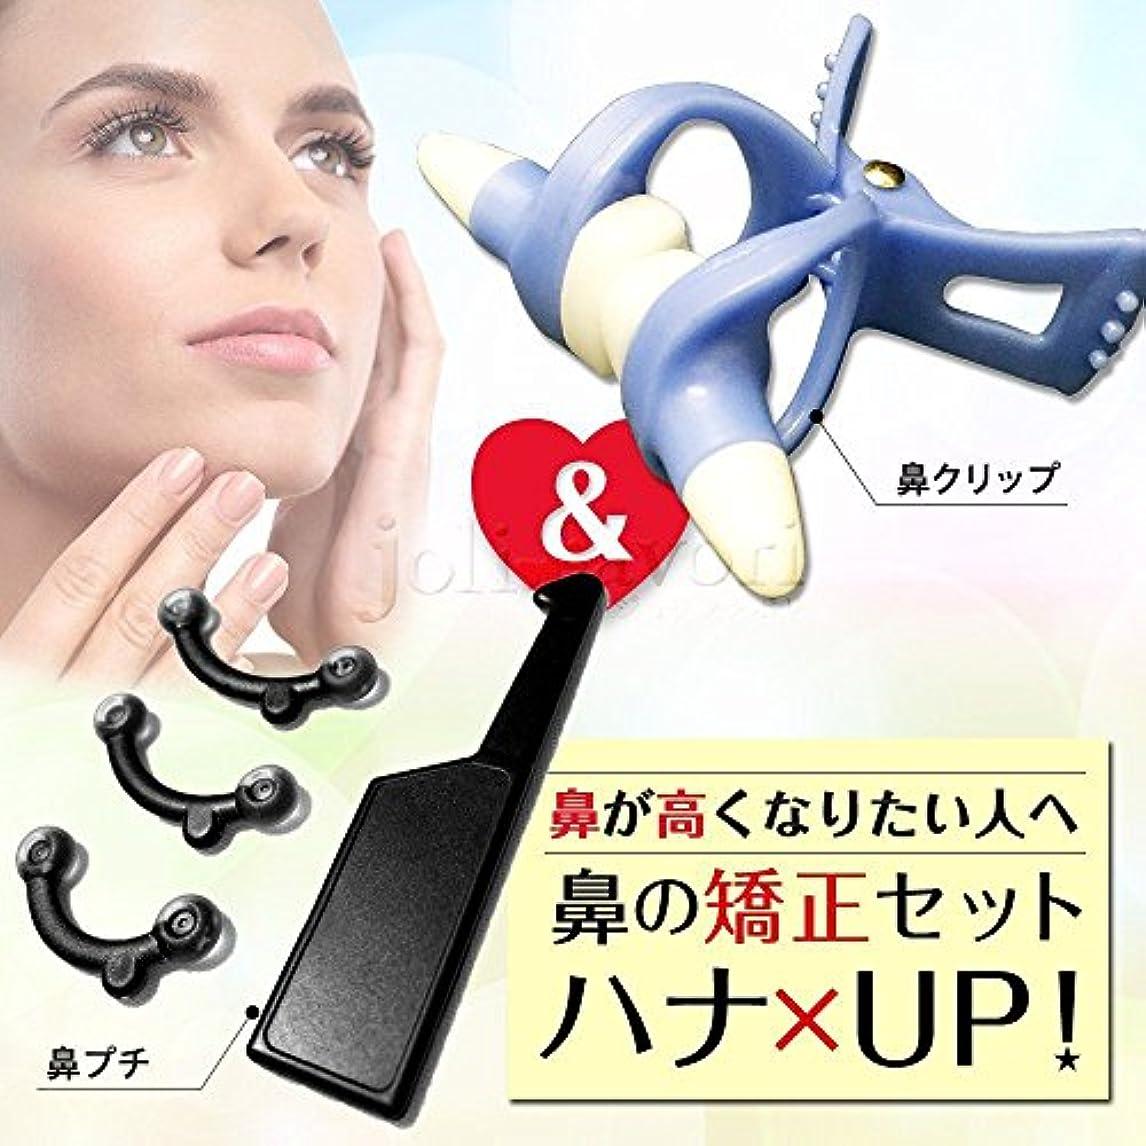 黒人好き不確実【jolifavori】鼻プチ&ノーズアップ 着けるだけ簡単!鼻メイク矯正セット